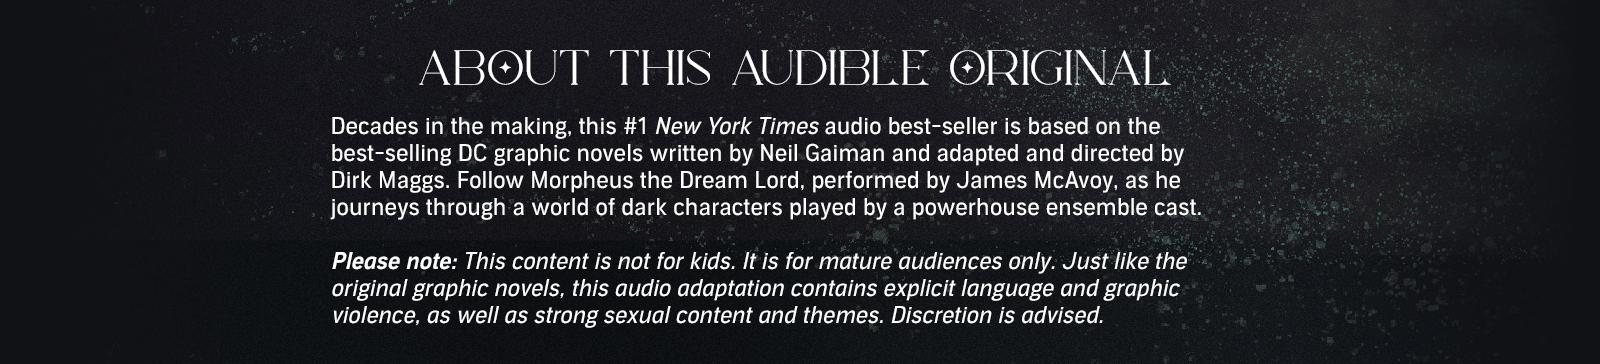 An Audible Original series by Neil Gaiman